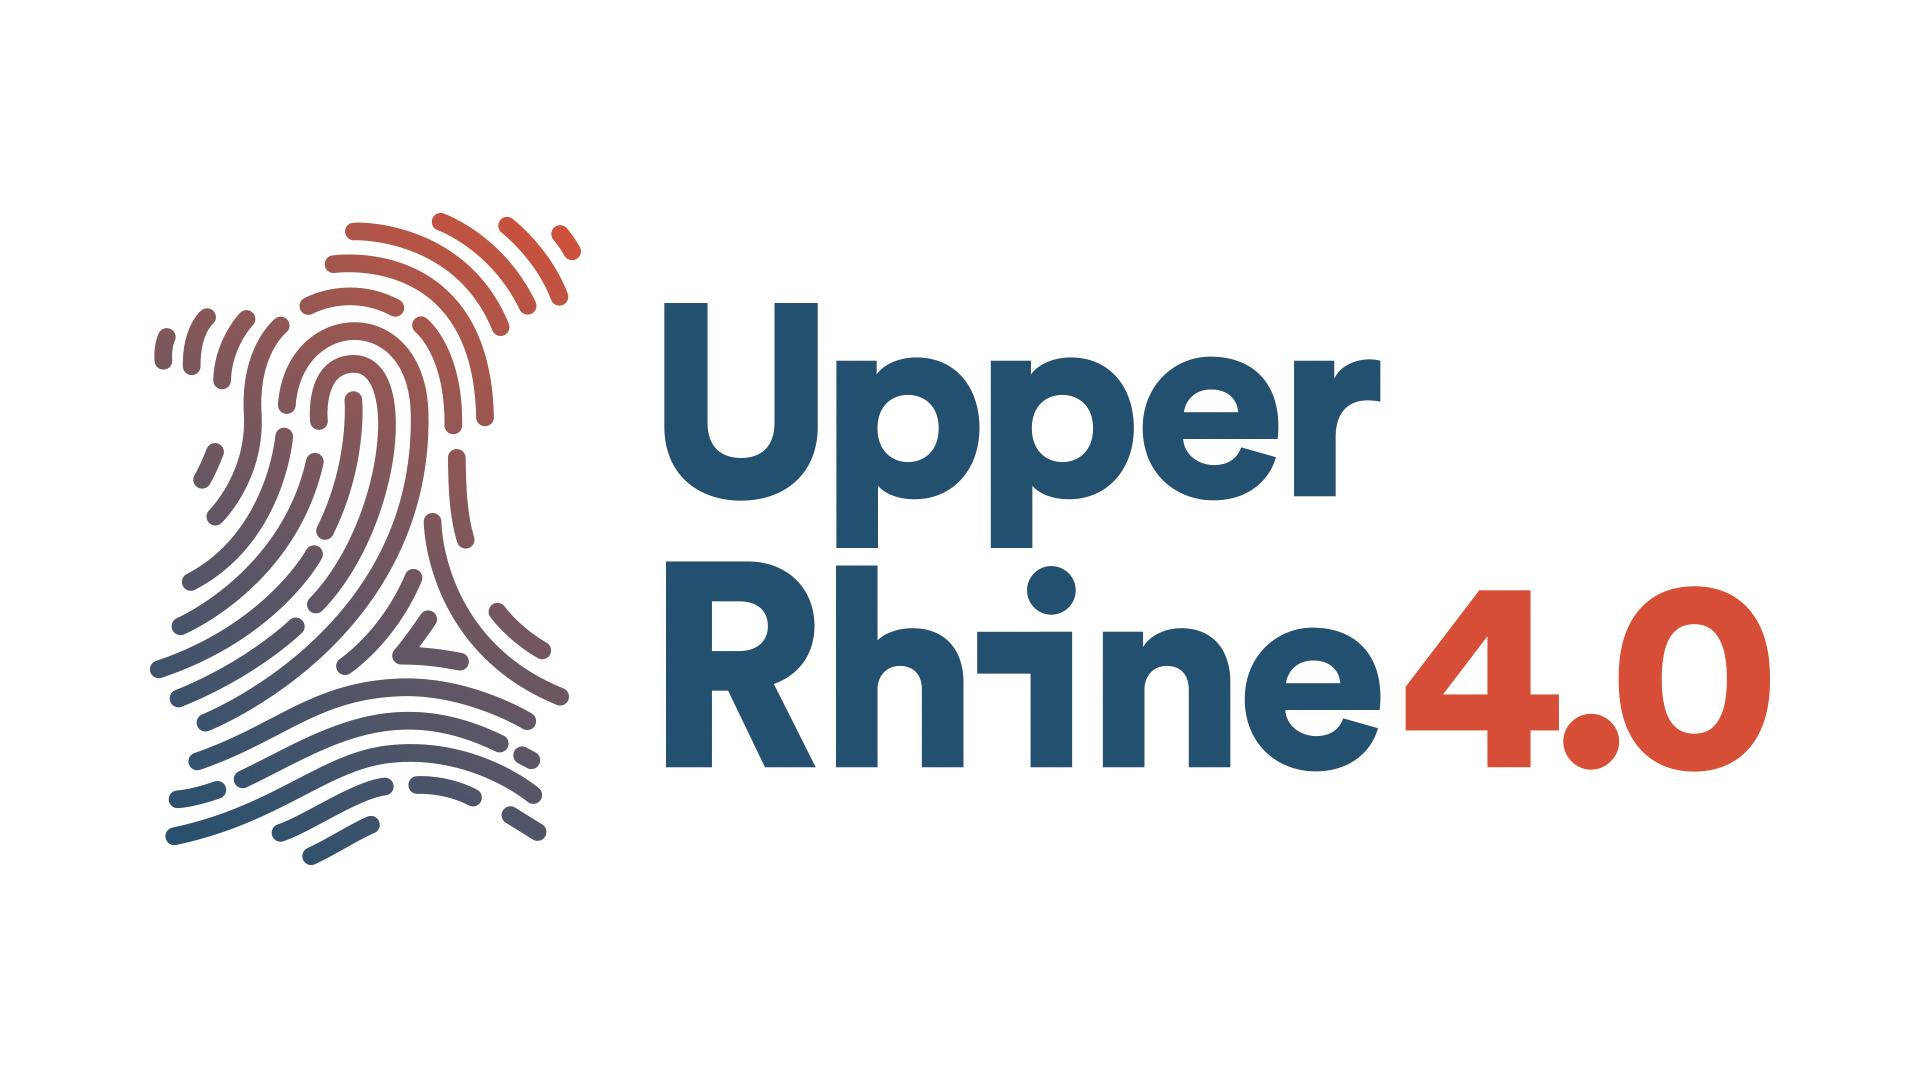 Upper Rhine 4.0 Kompetenznetzwerk (I13934)